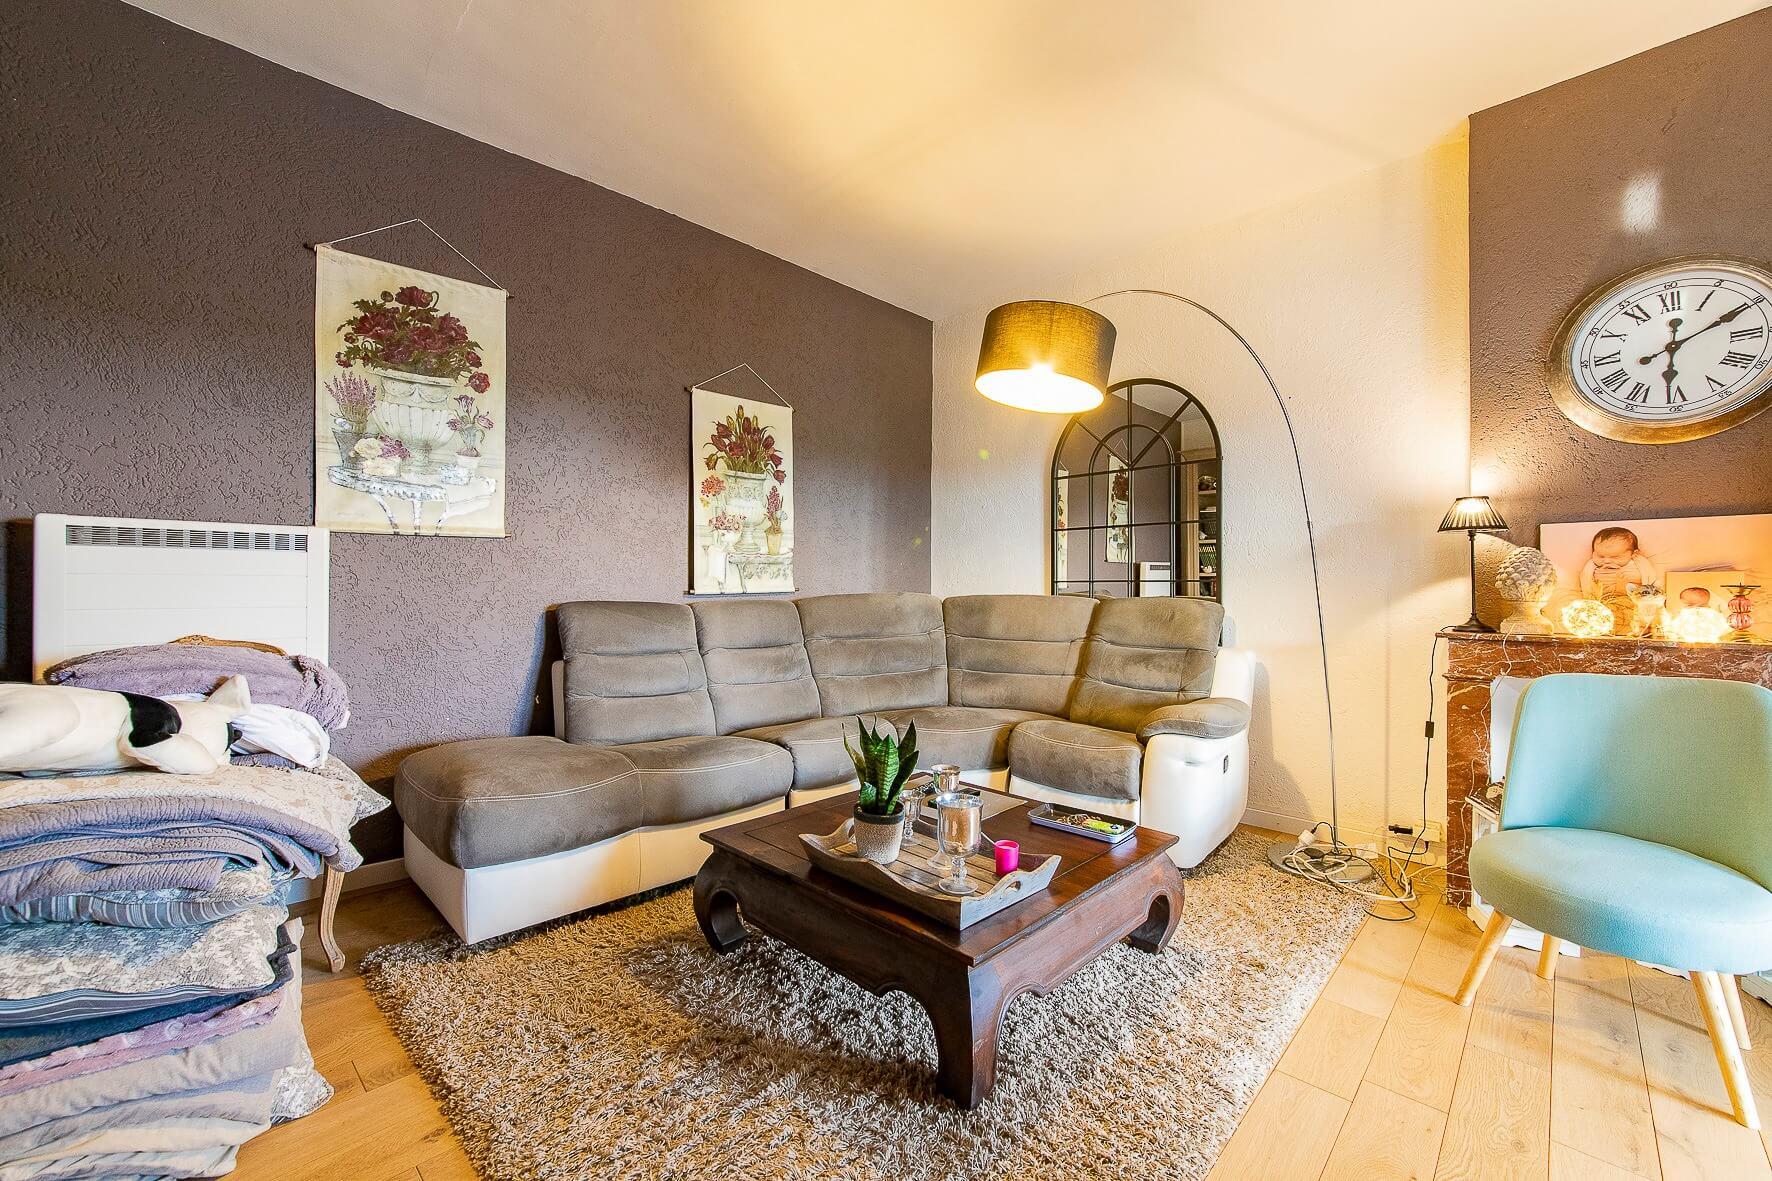 Homki - Vente Maison/villa  de 411.0 m² à Uzès 30700